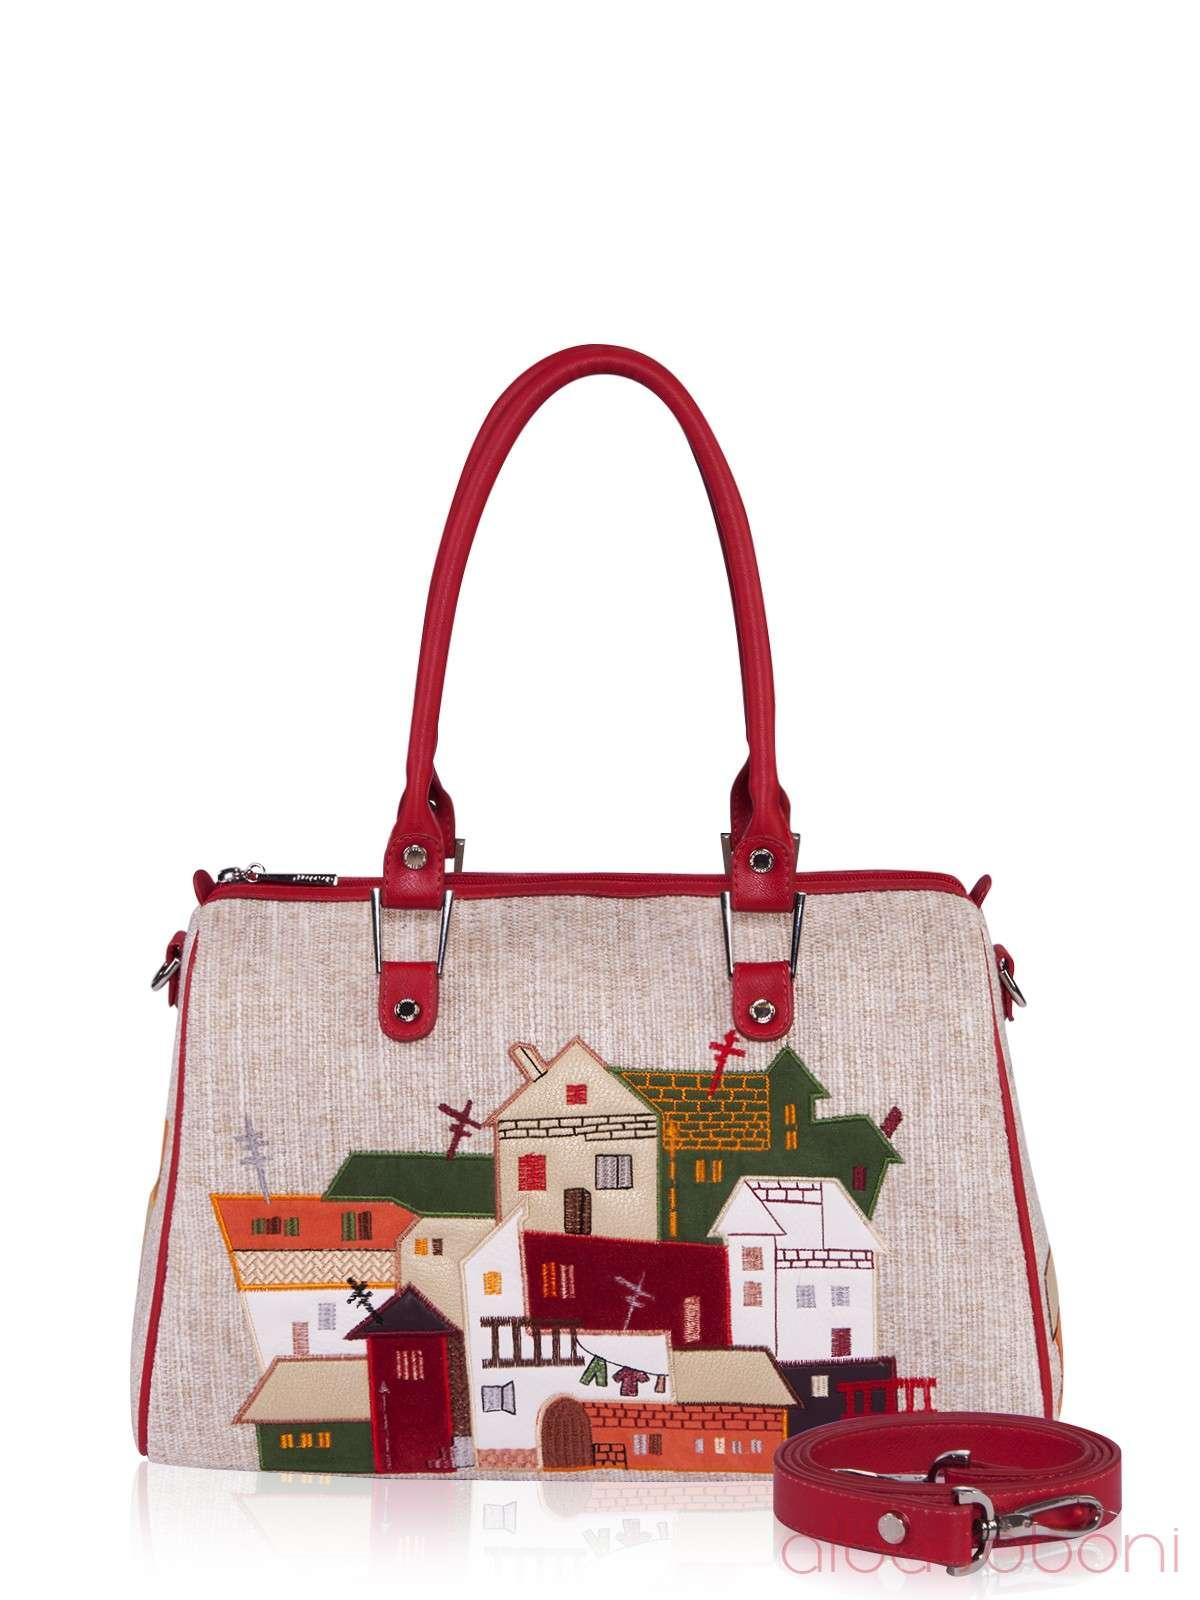 d70e17ad2b3f Распродажа! Женская сумка, модель 160093 лен бежевый, купить в  Днепропетровске.